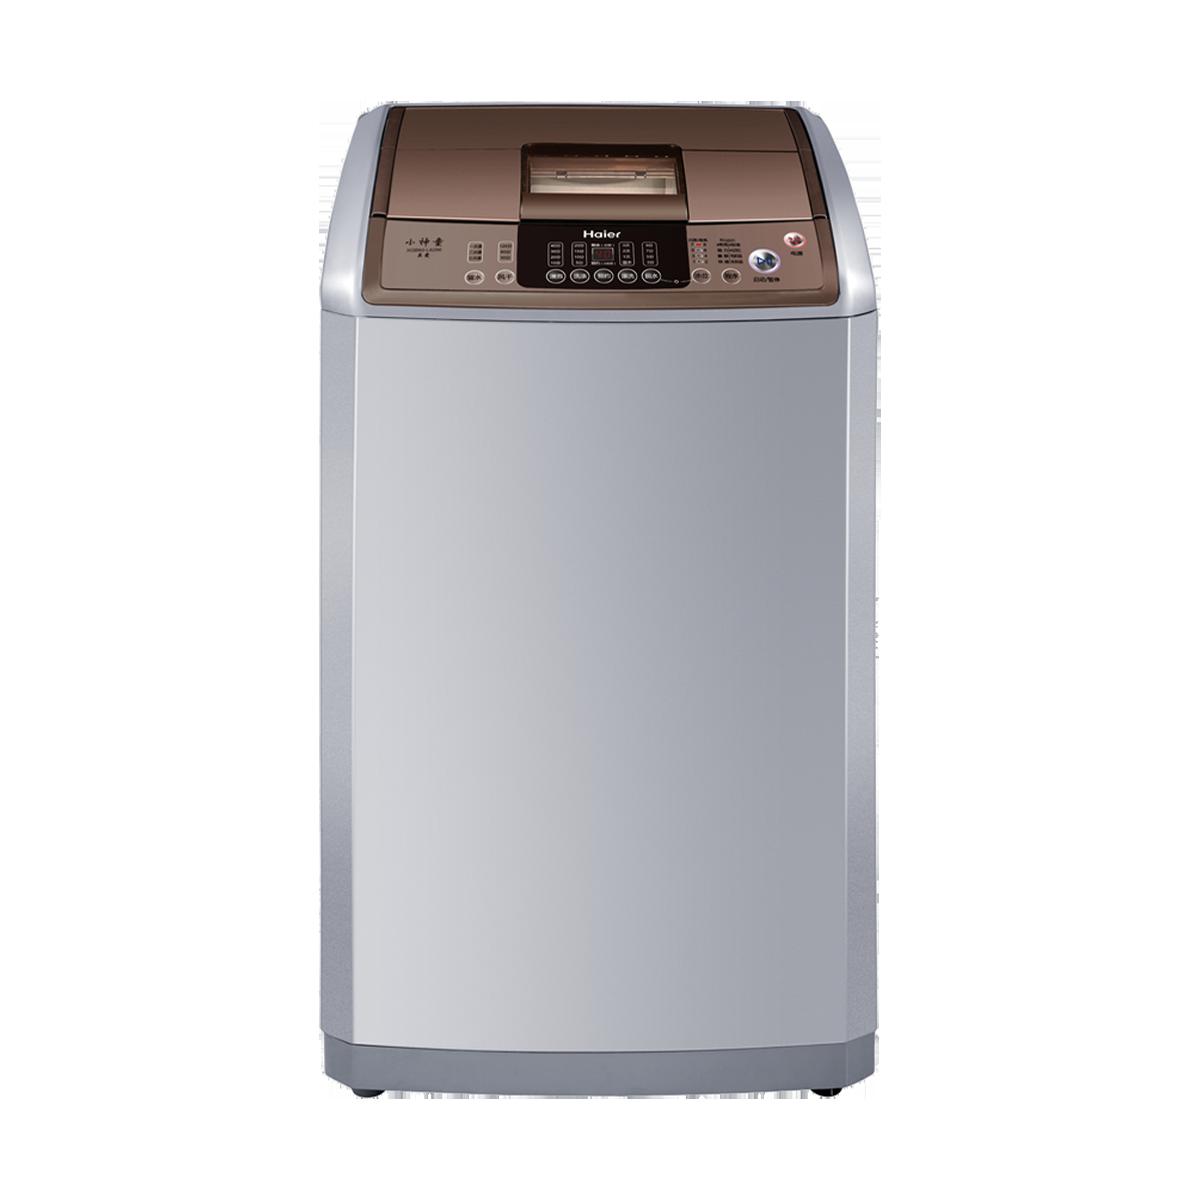 海尔Haier洗衣机 XQB60-L8286 说明书